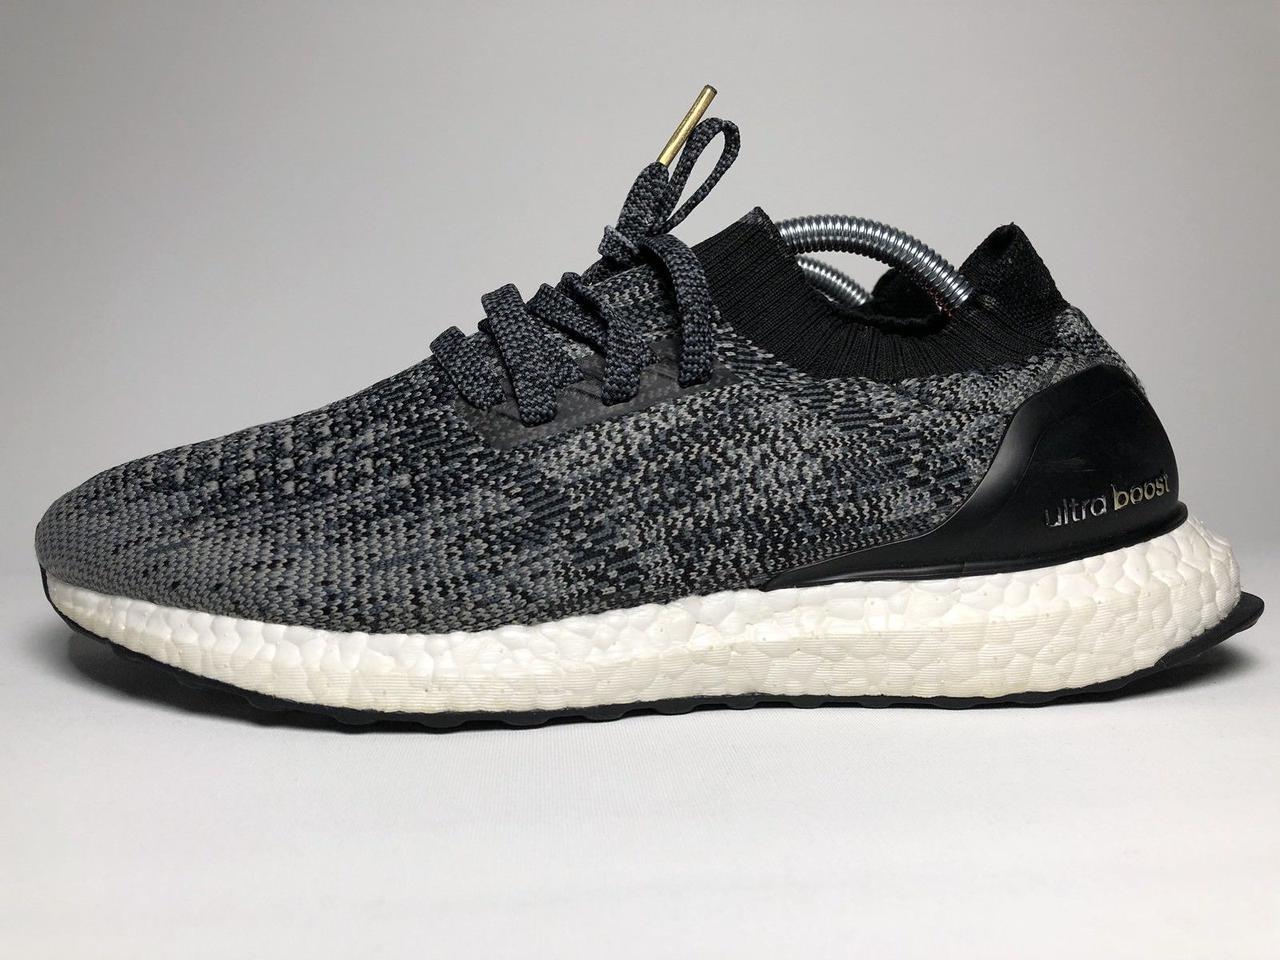 361ec5b3 Мужские кроссовки Adidas ultra boost. Лицензионные фирменные кроссовки  Адидас, реплика -